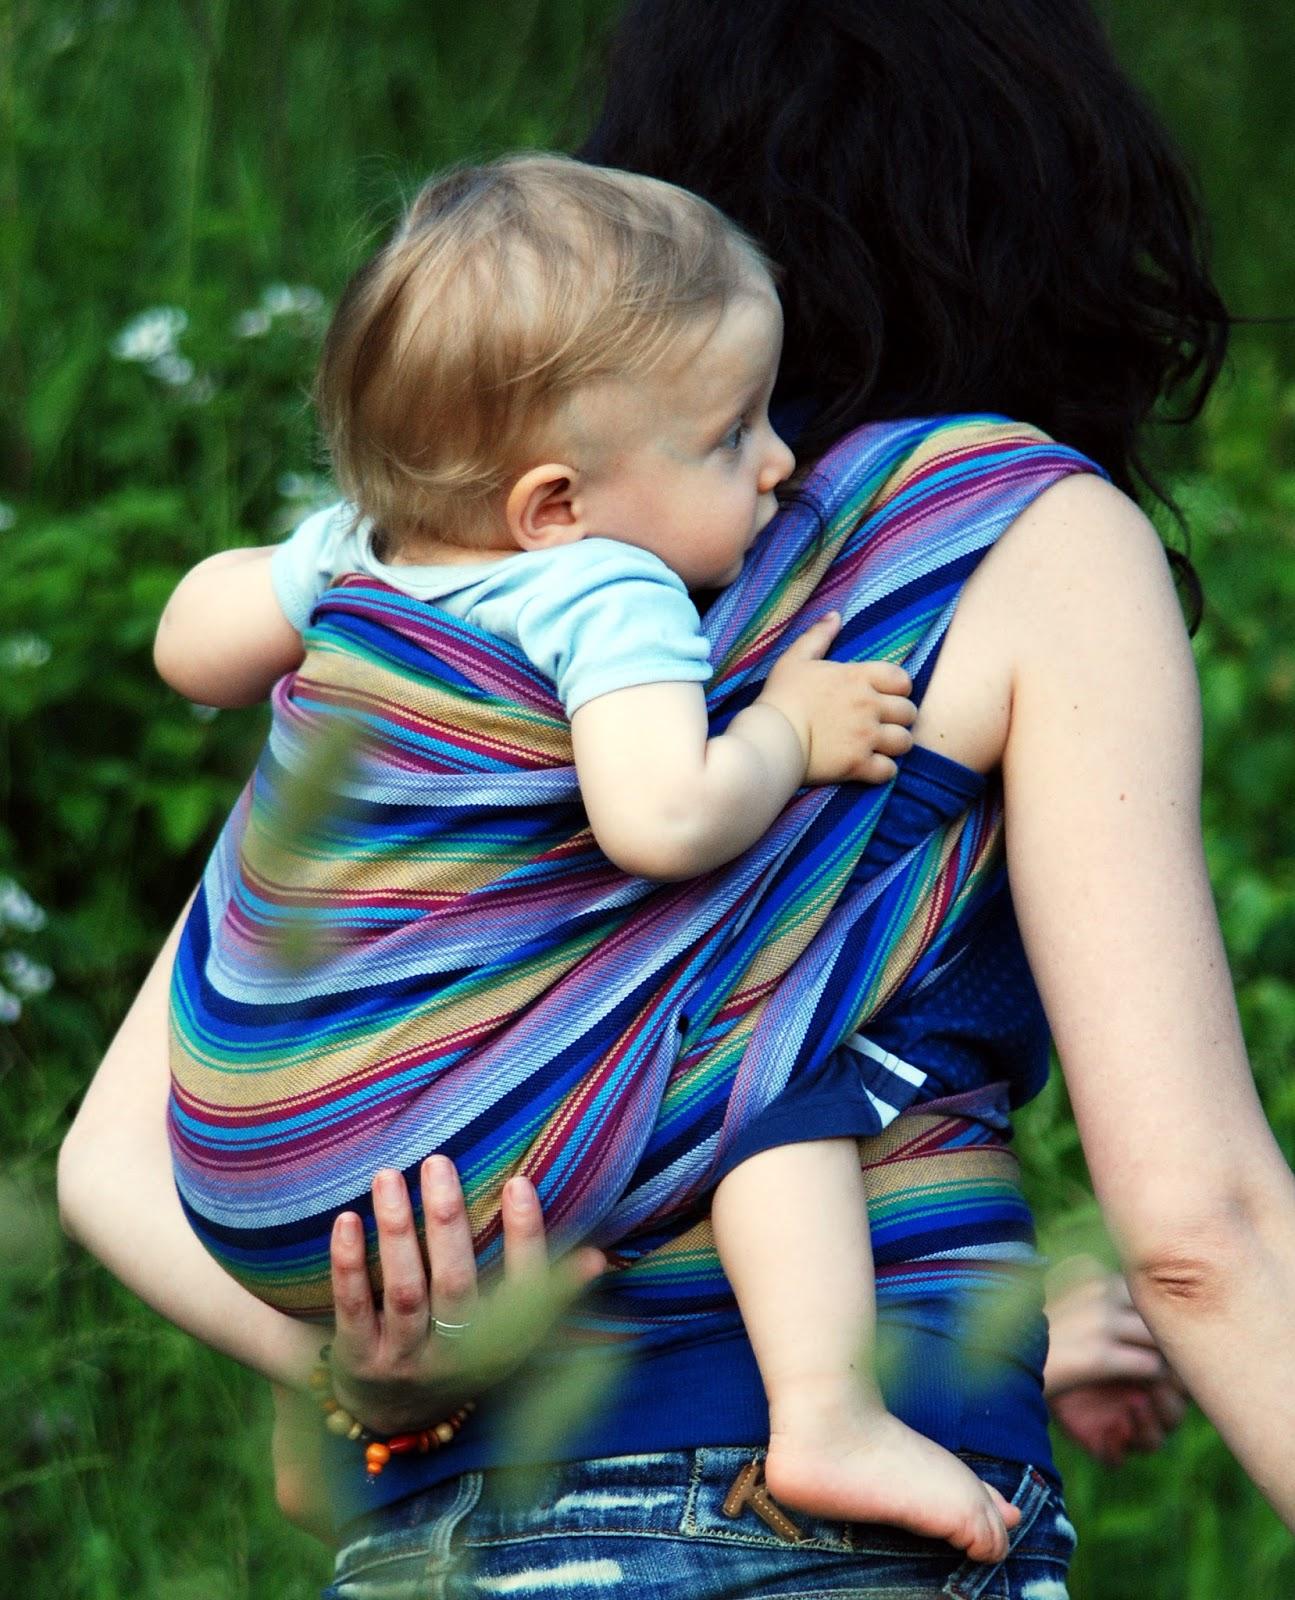 4bfc518f114 Šátky a oblečení k nošení dětí